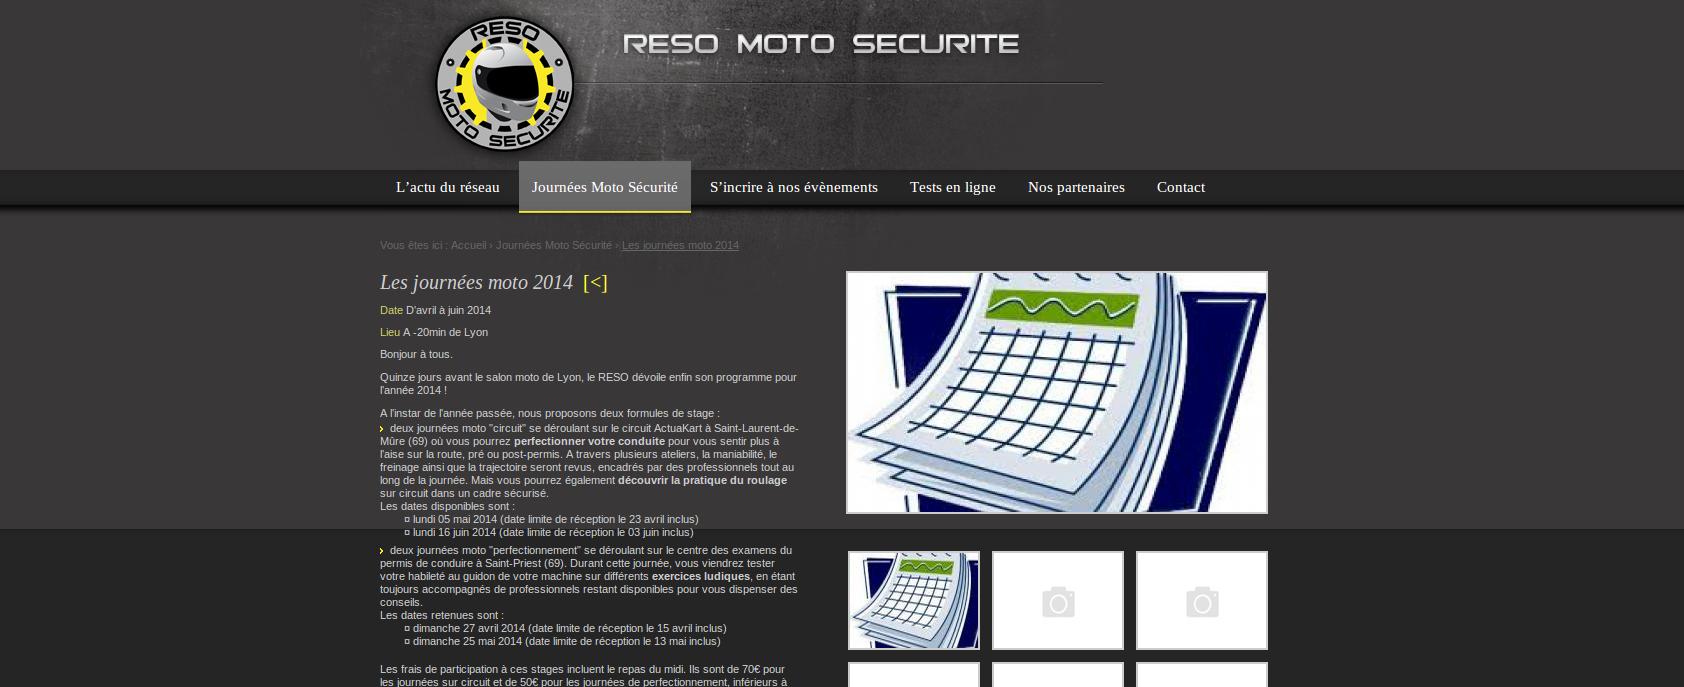 RESO MOTO SECURITE